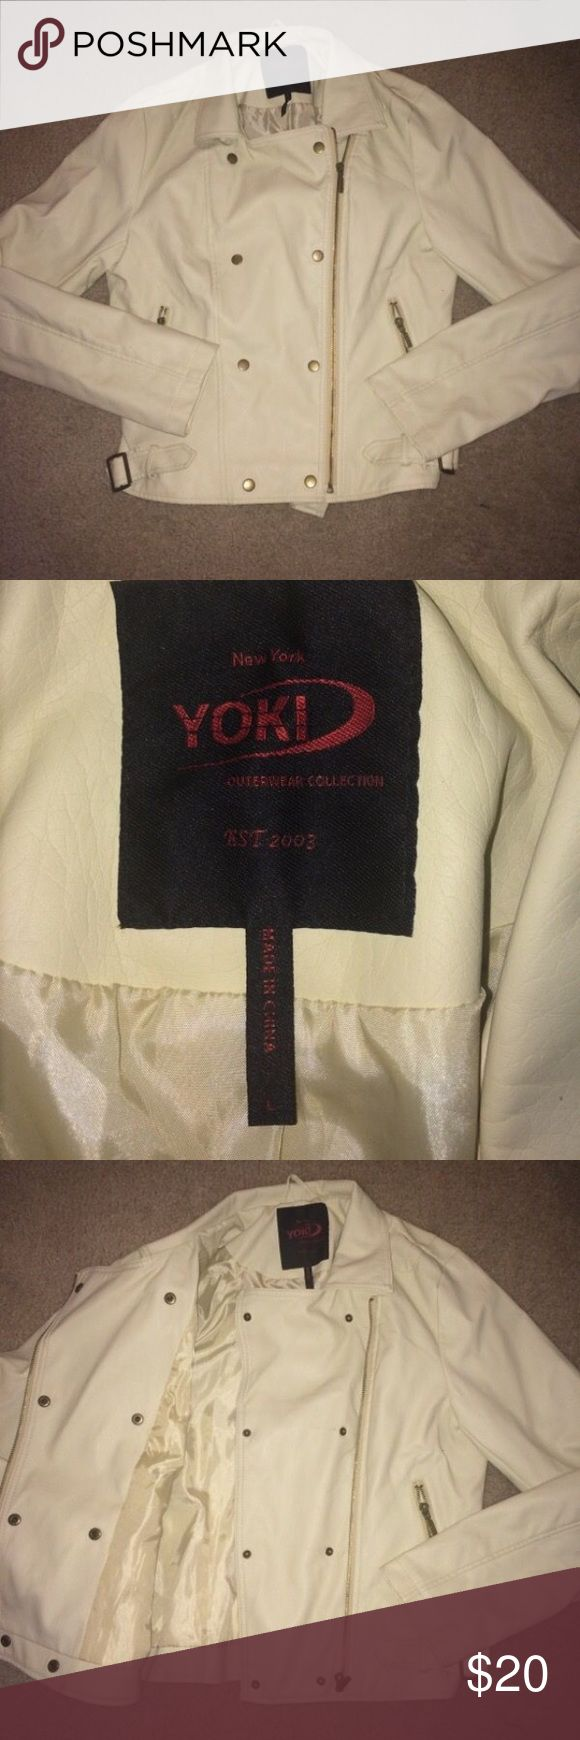 Ladies leather jacket Cream colored jacket, ladies size large, nwot Jackets & Coats